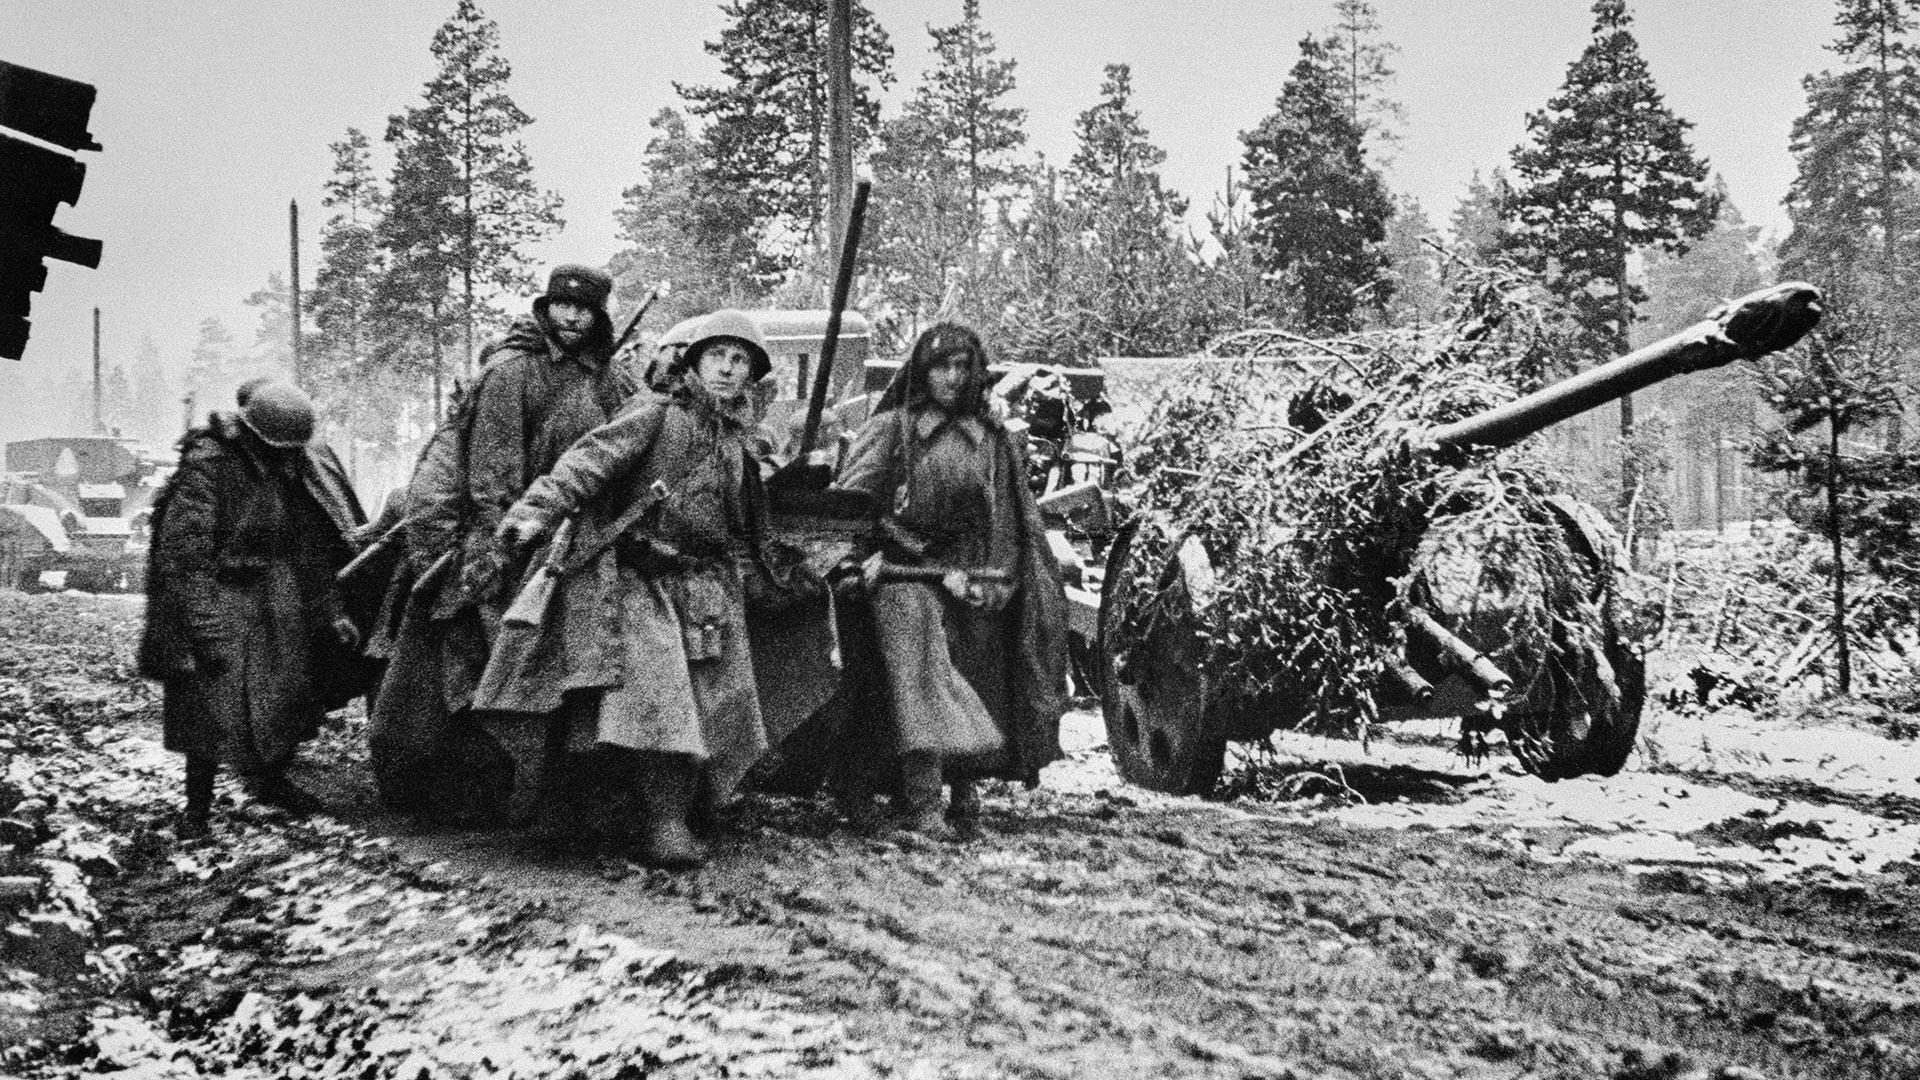 Des soldats soviétiques avec un canon divisionnaire F-22 camouflé près de Leningrad